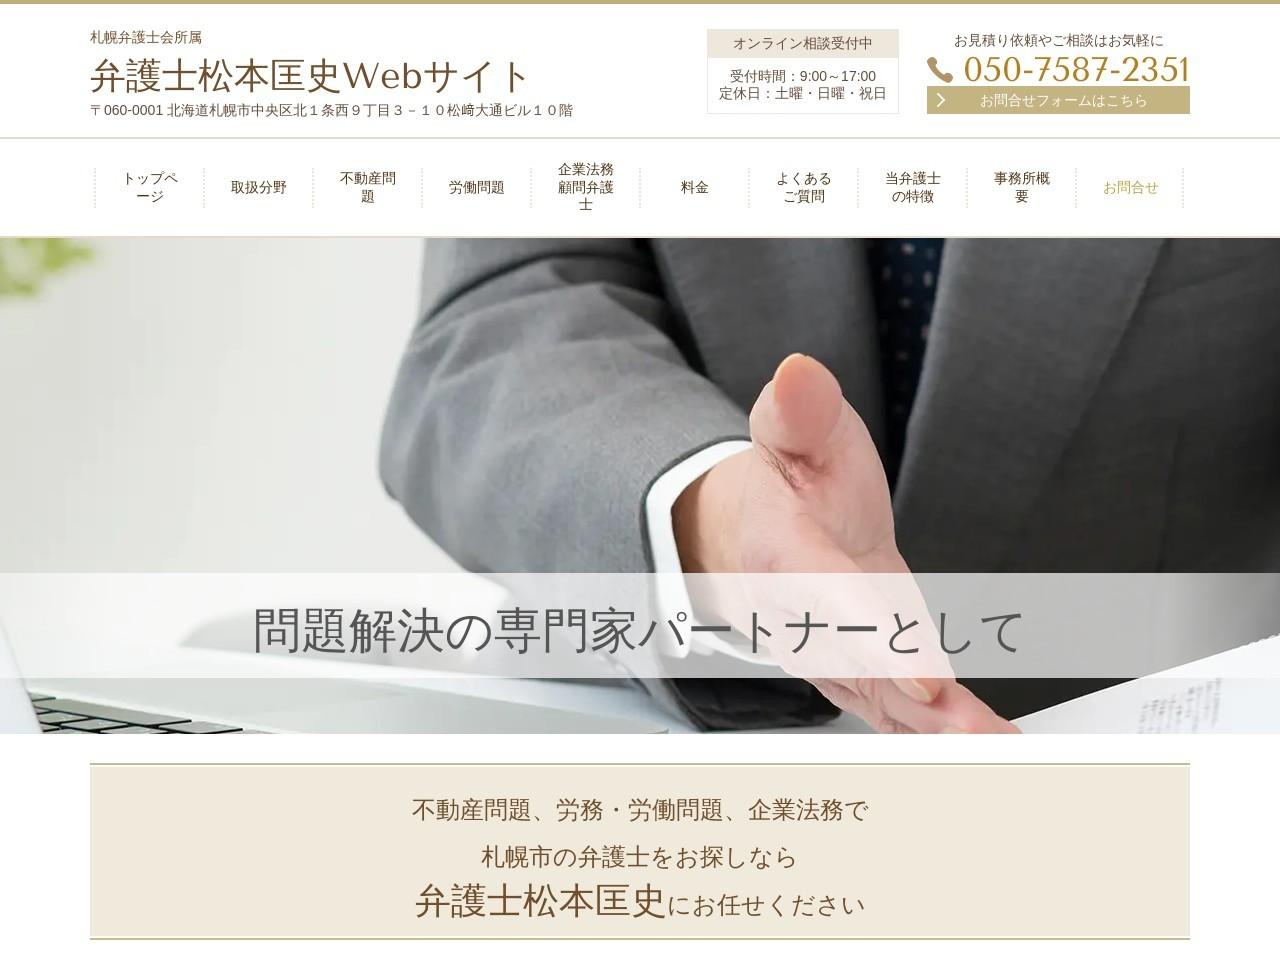 松本伸一法律事務所